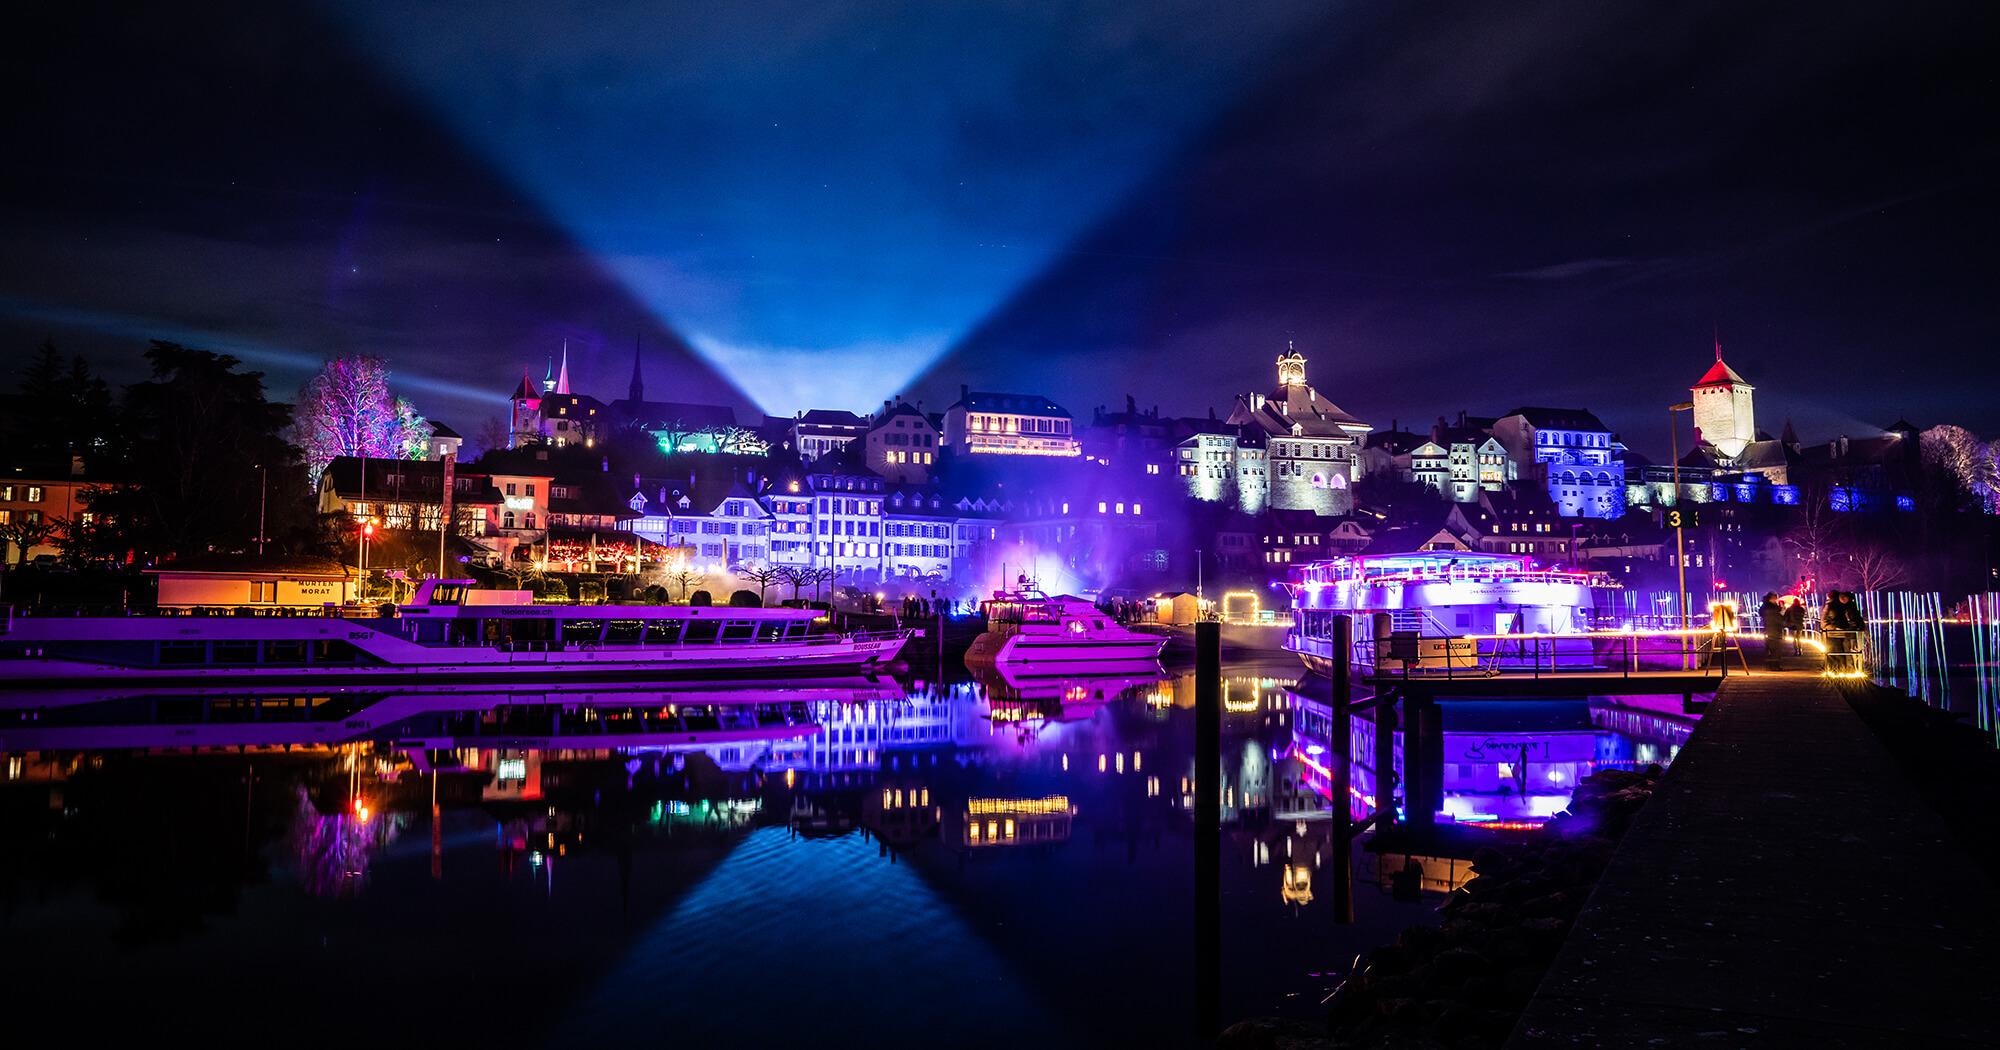 festival des lumières (2020/2019)